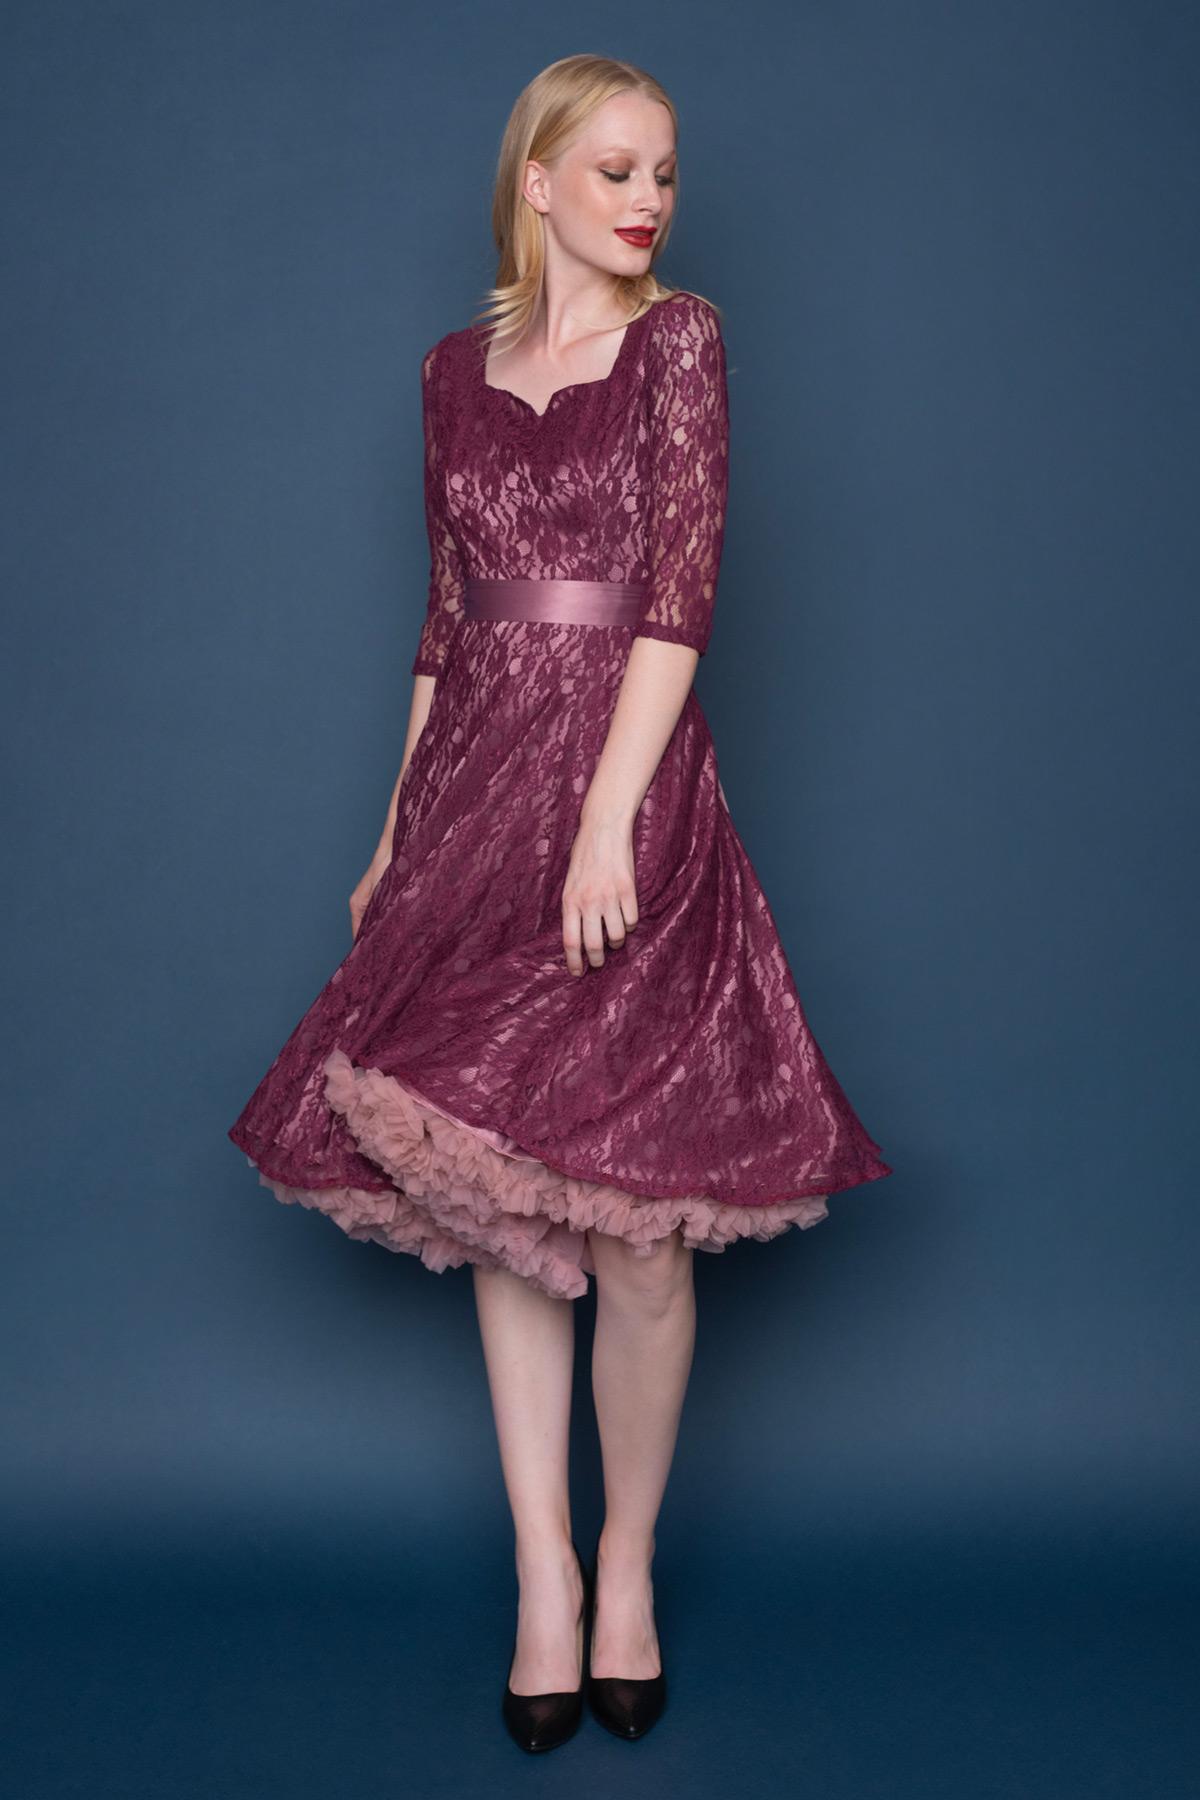 Δαντελένιο vintage φόρεμα σε μεσάτη γραμμή, από μπορντώ δαντέλα, με dusty pink φόδρα, με 3/4 μανίκια, τετράγωνη λαιμουδιά με μικρό άνοιγμα V, σατέν κορδέλα στη μέση που δένει πίσω με φιόγκο και μήκος μέχρι το γόνατο, ιδανικόvintage φόρεμα για γάμο.